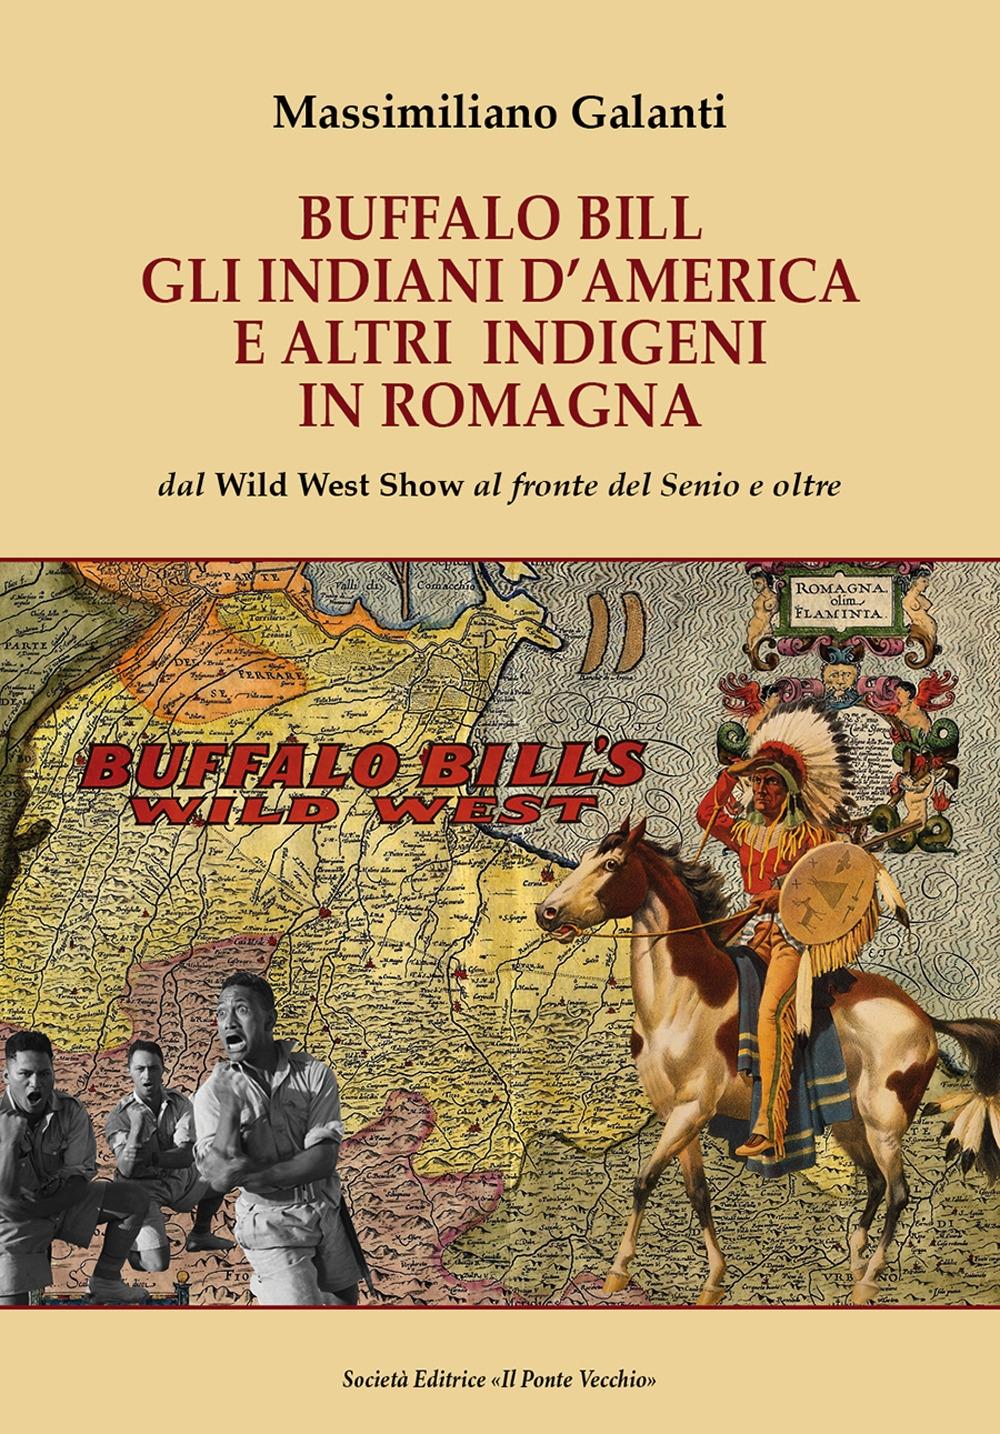 Buffalo Bill, gli indiani d'America e altri indigeni in Romagna. Dal Wild West Show al fronte del Senio e oltre